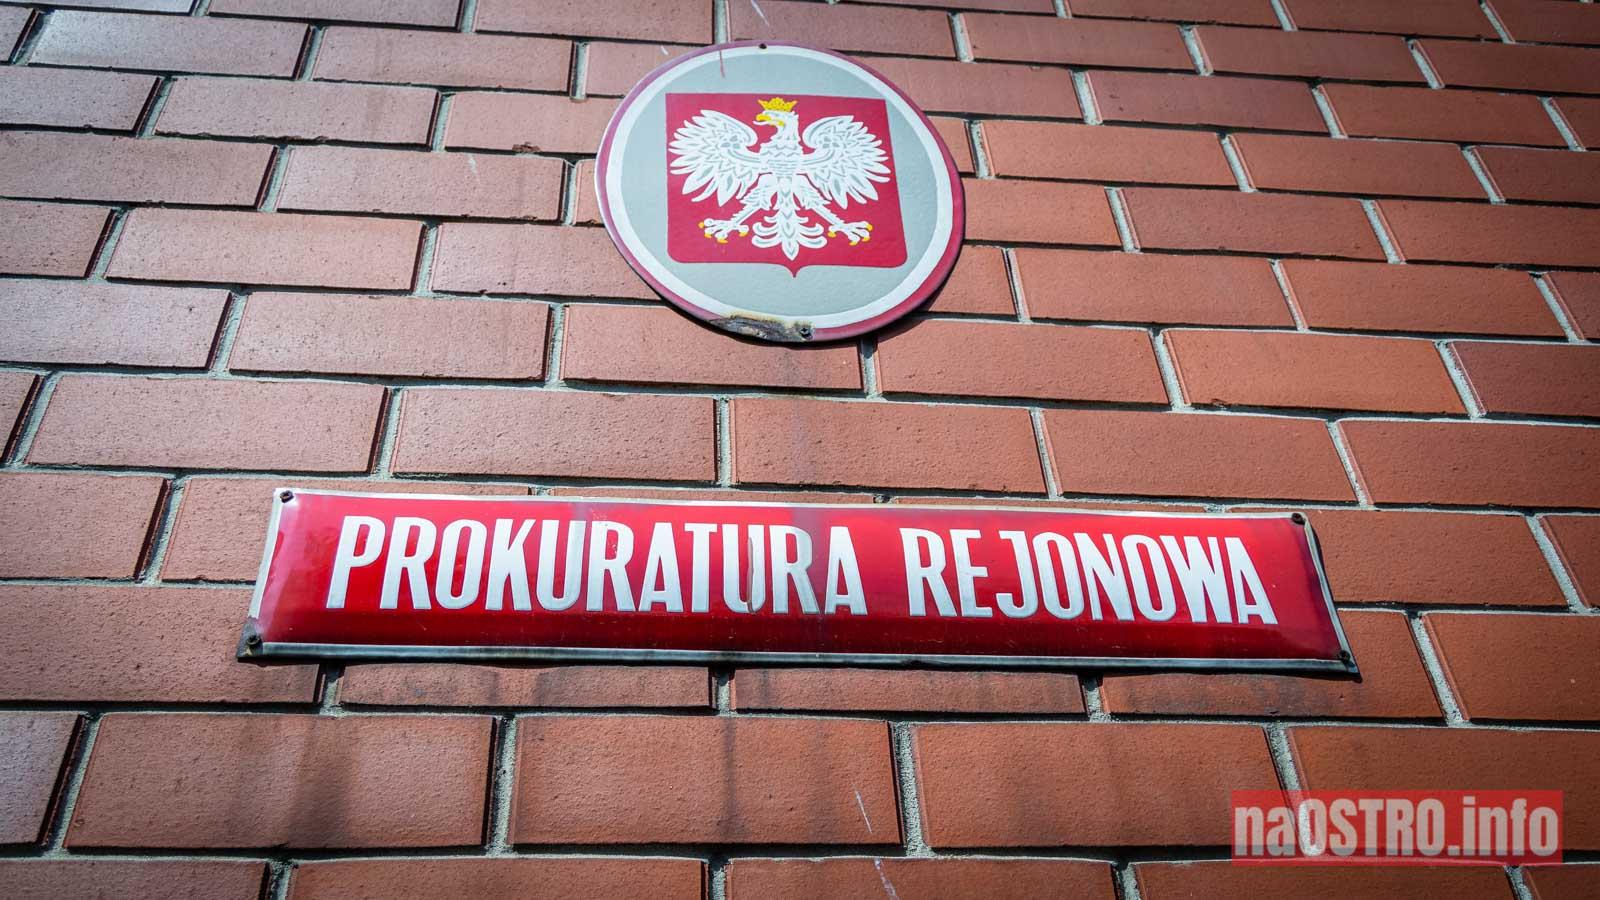 Prokuratura Rejonowa w Ostrowcu Świętokrzyskim